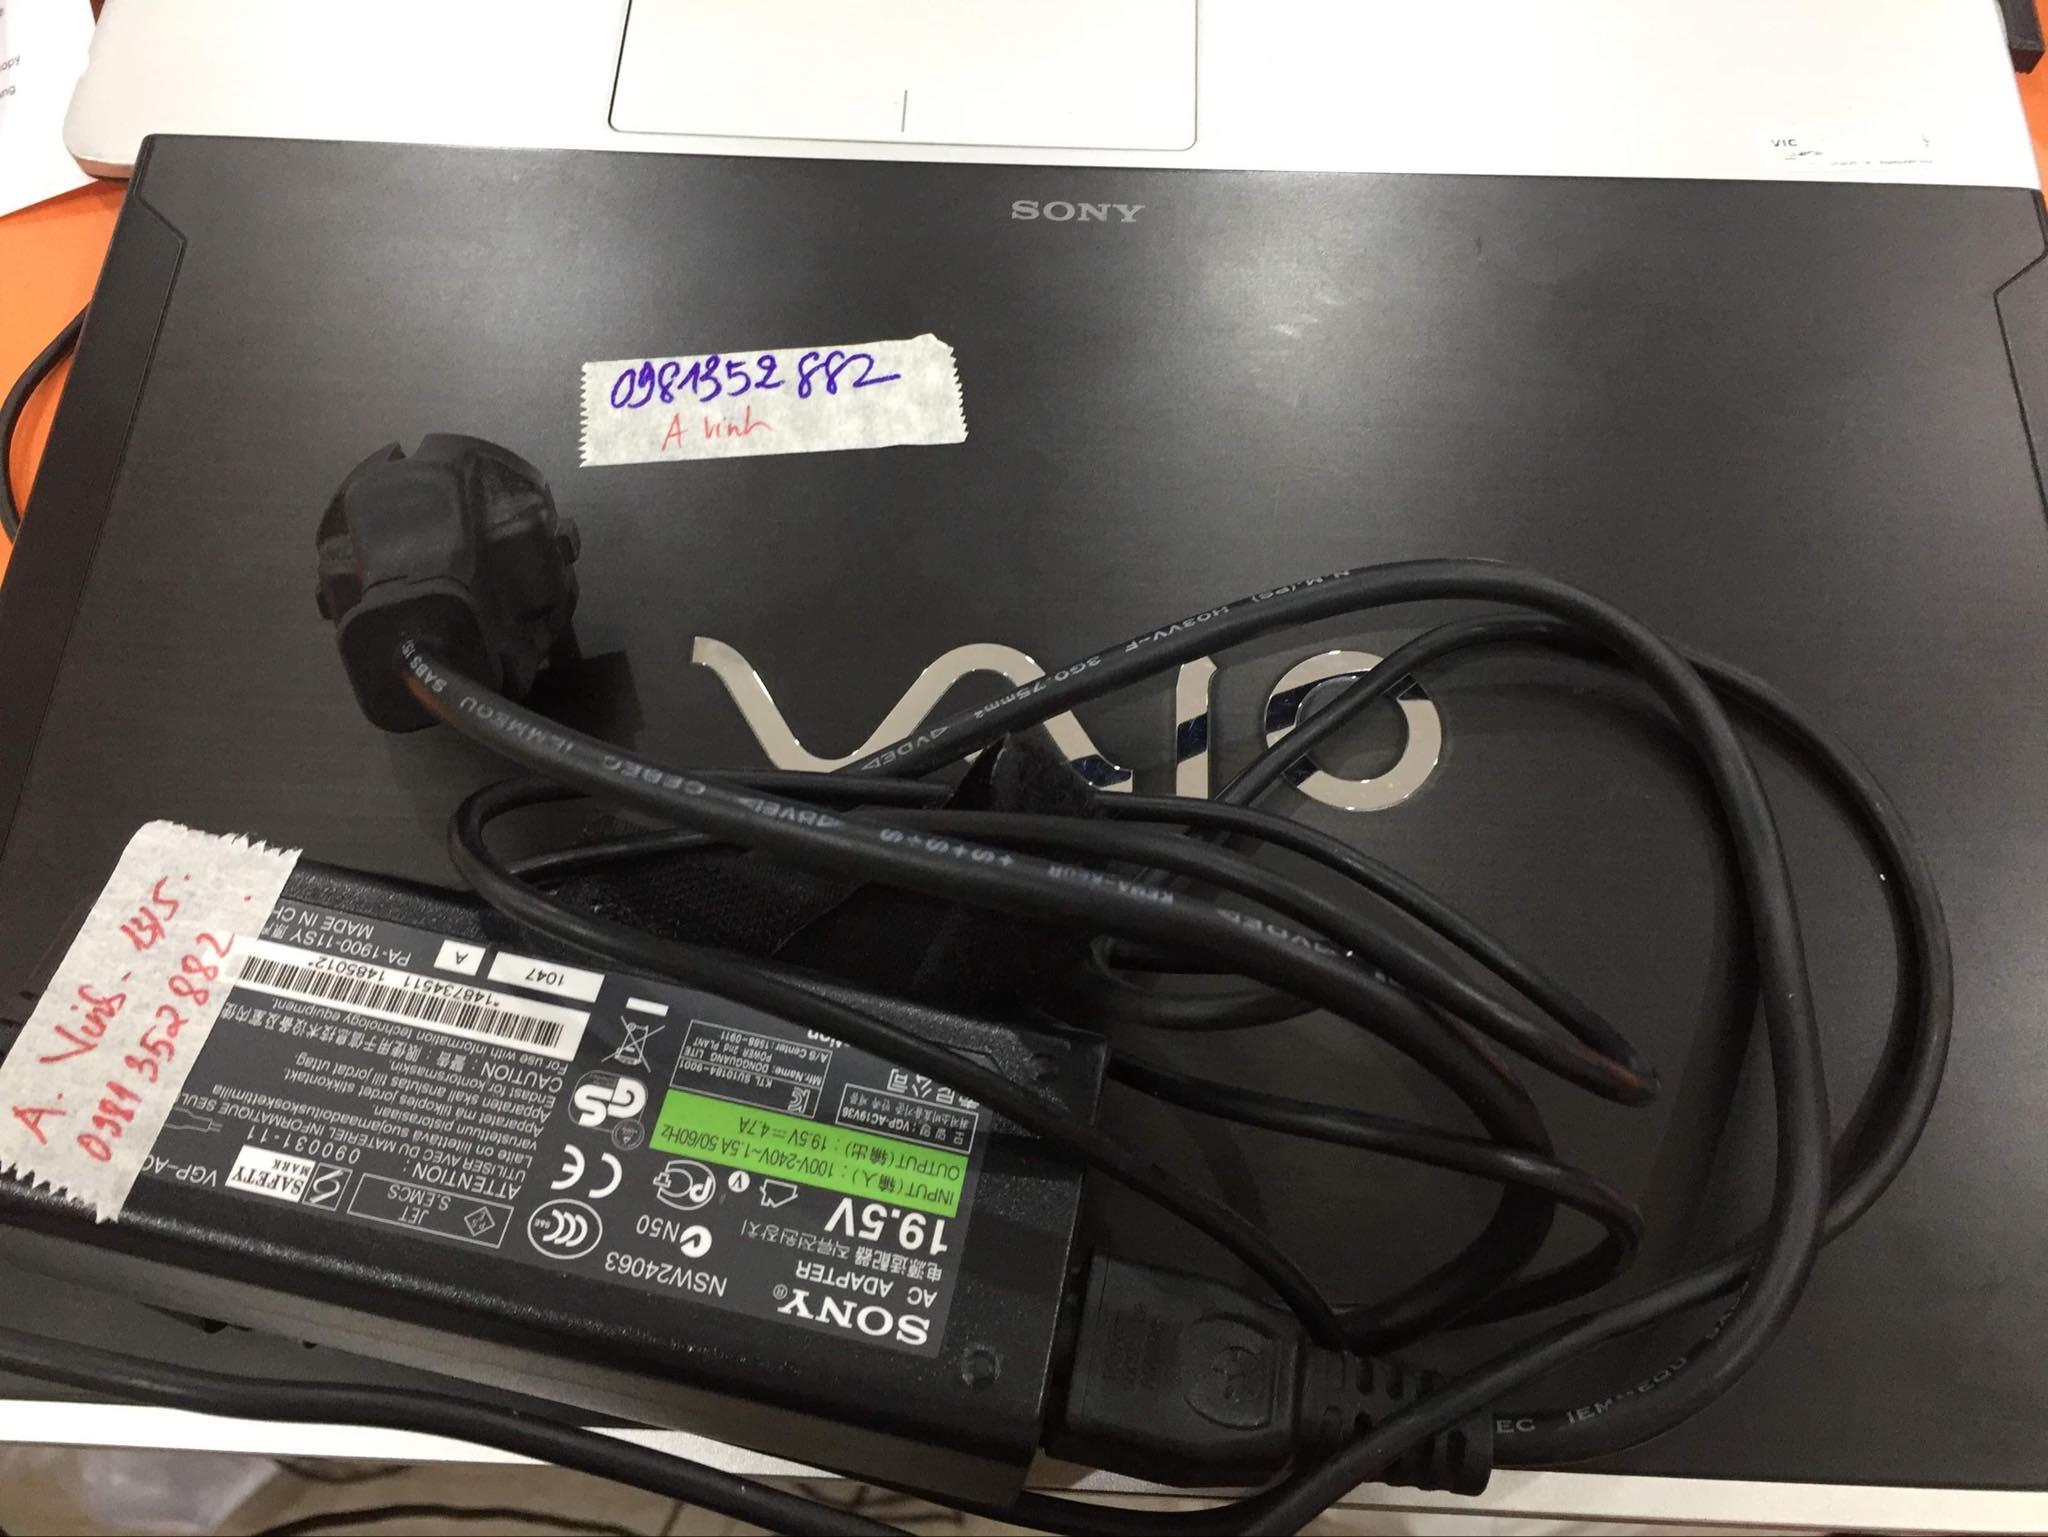 Khôi phục dữ liệu ổ cứng Laptop Vaio không nhận 20/05/2019 - cuumaytinh